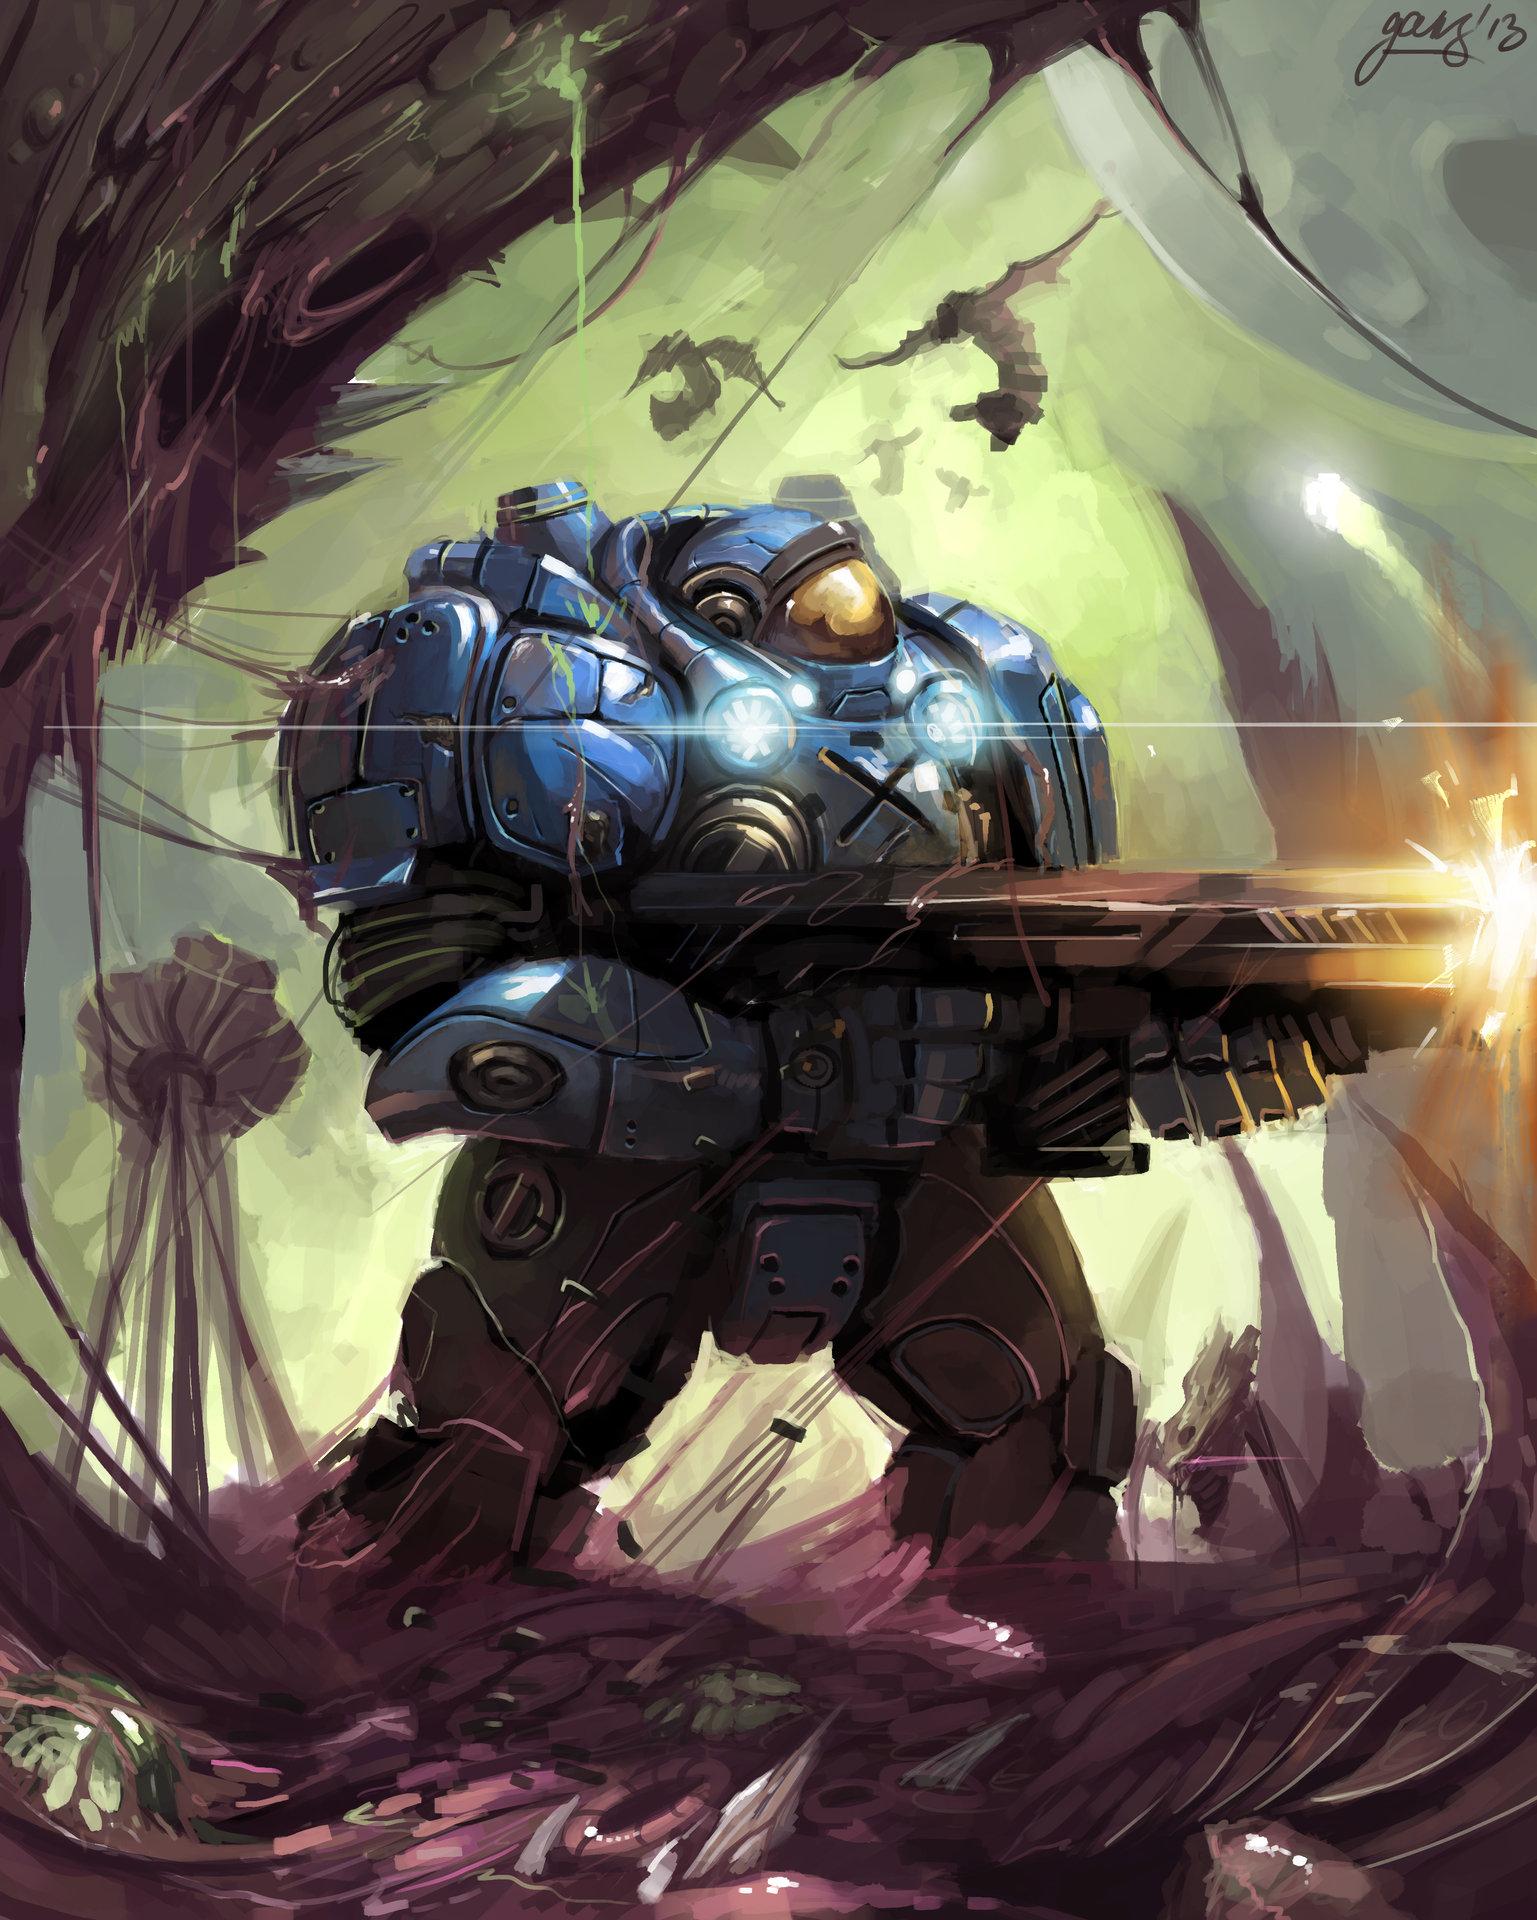 starcraft space marine artwork - photo #18